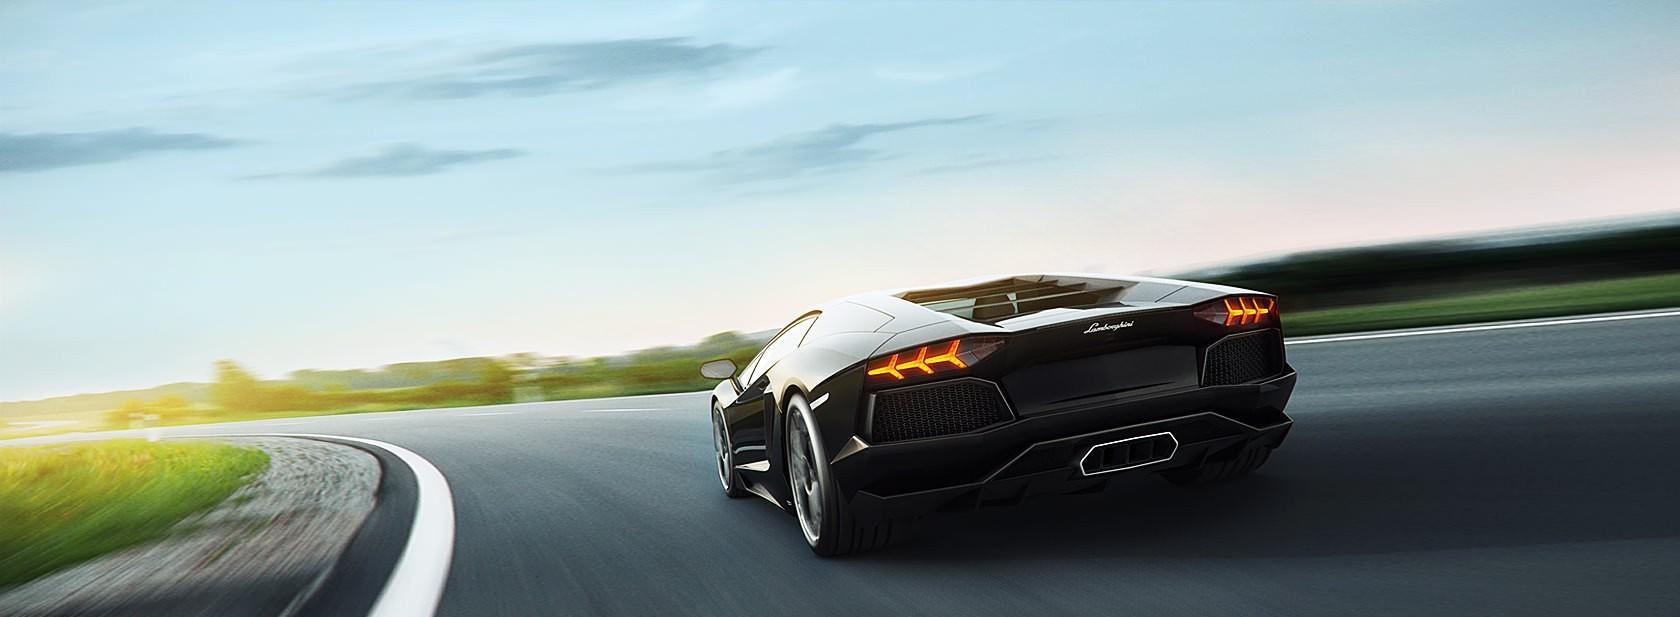 Website Design for Car Dealer